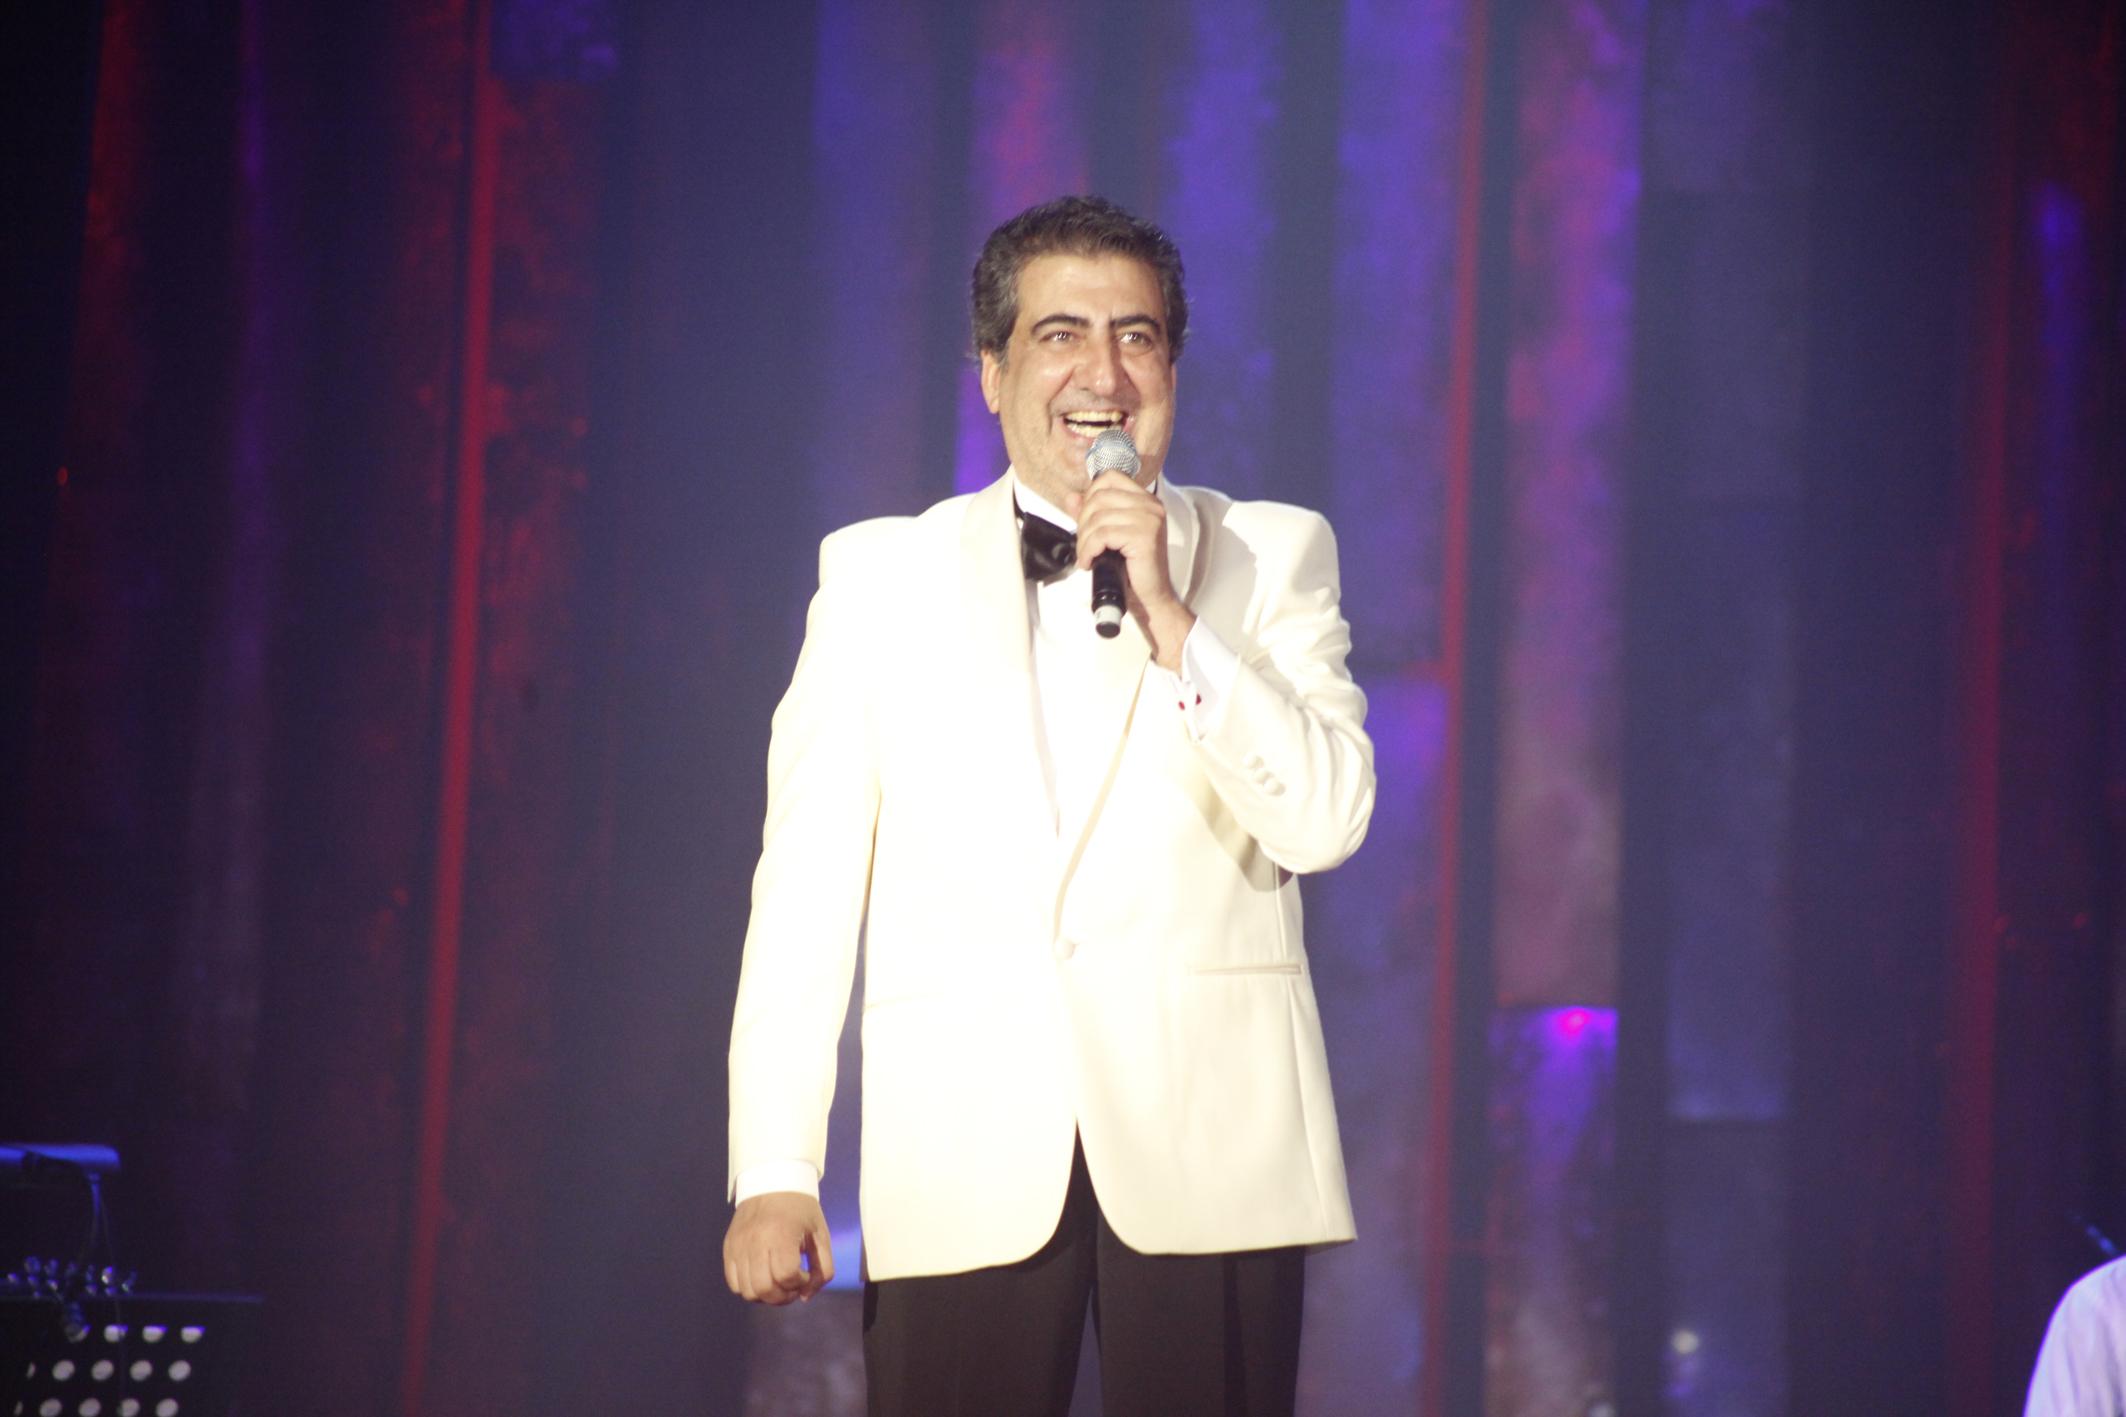 Monsieur Gilles interpretado por Javivi